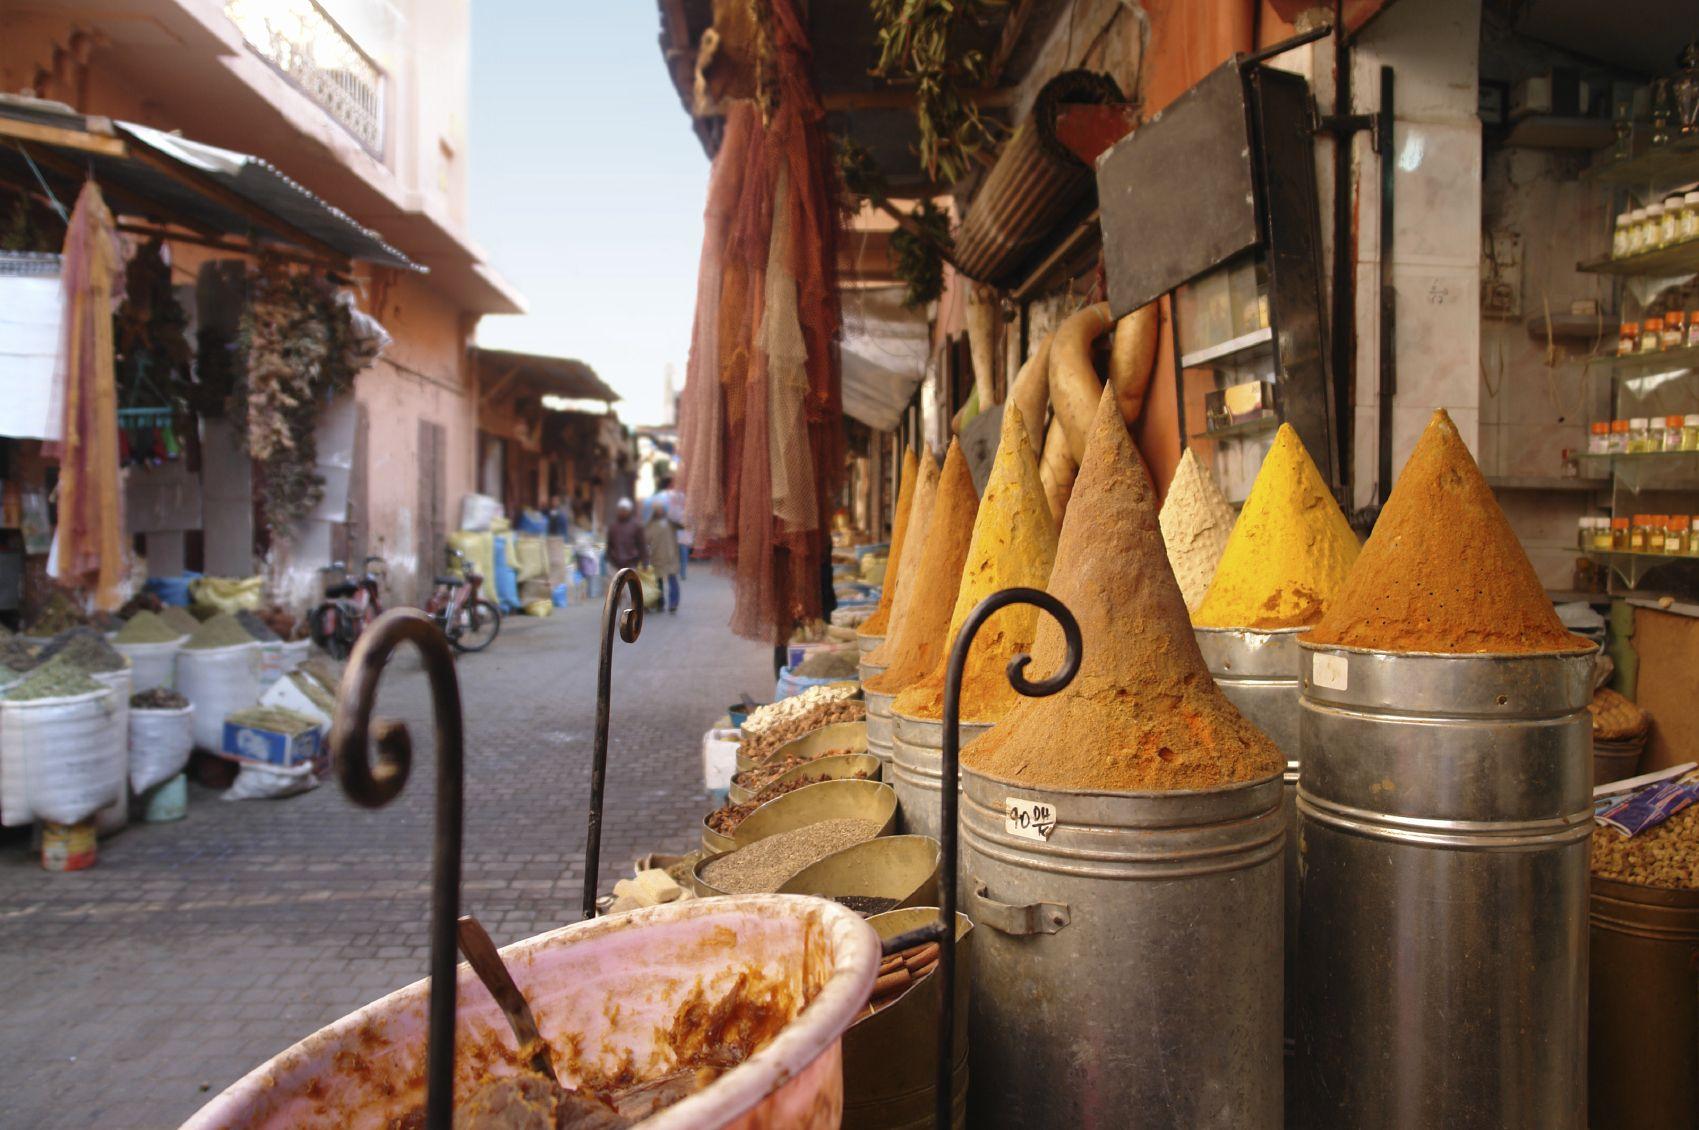 Souk Bazar Tienda Arabe Mercado Presentación productos Especies Marrakesch